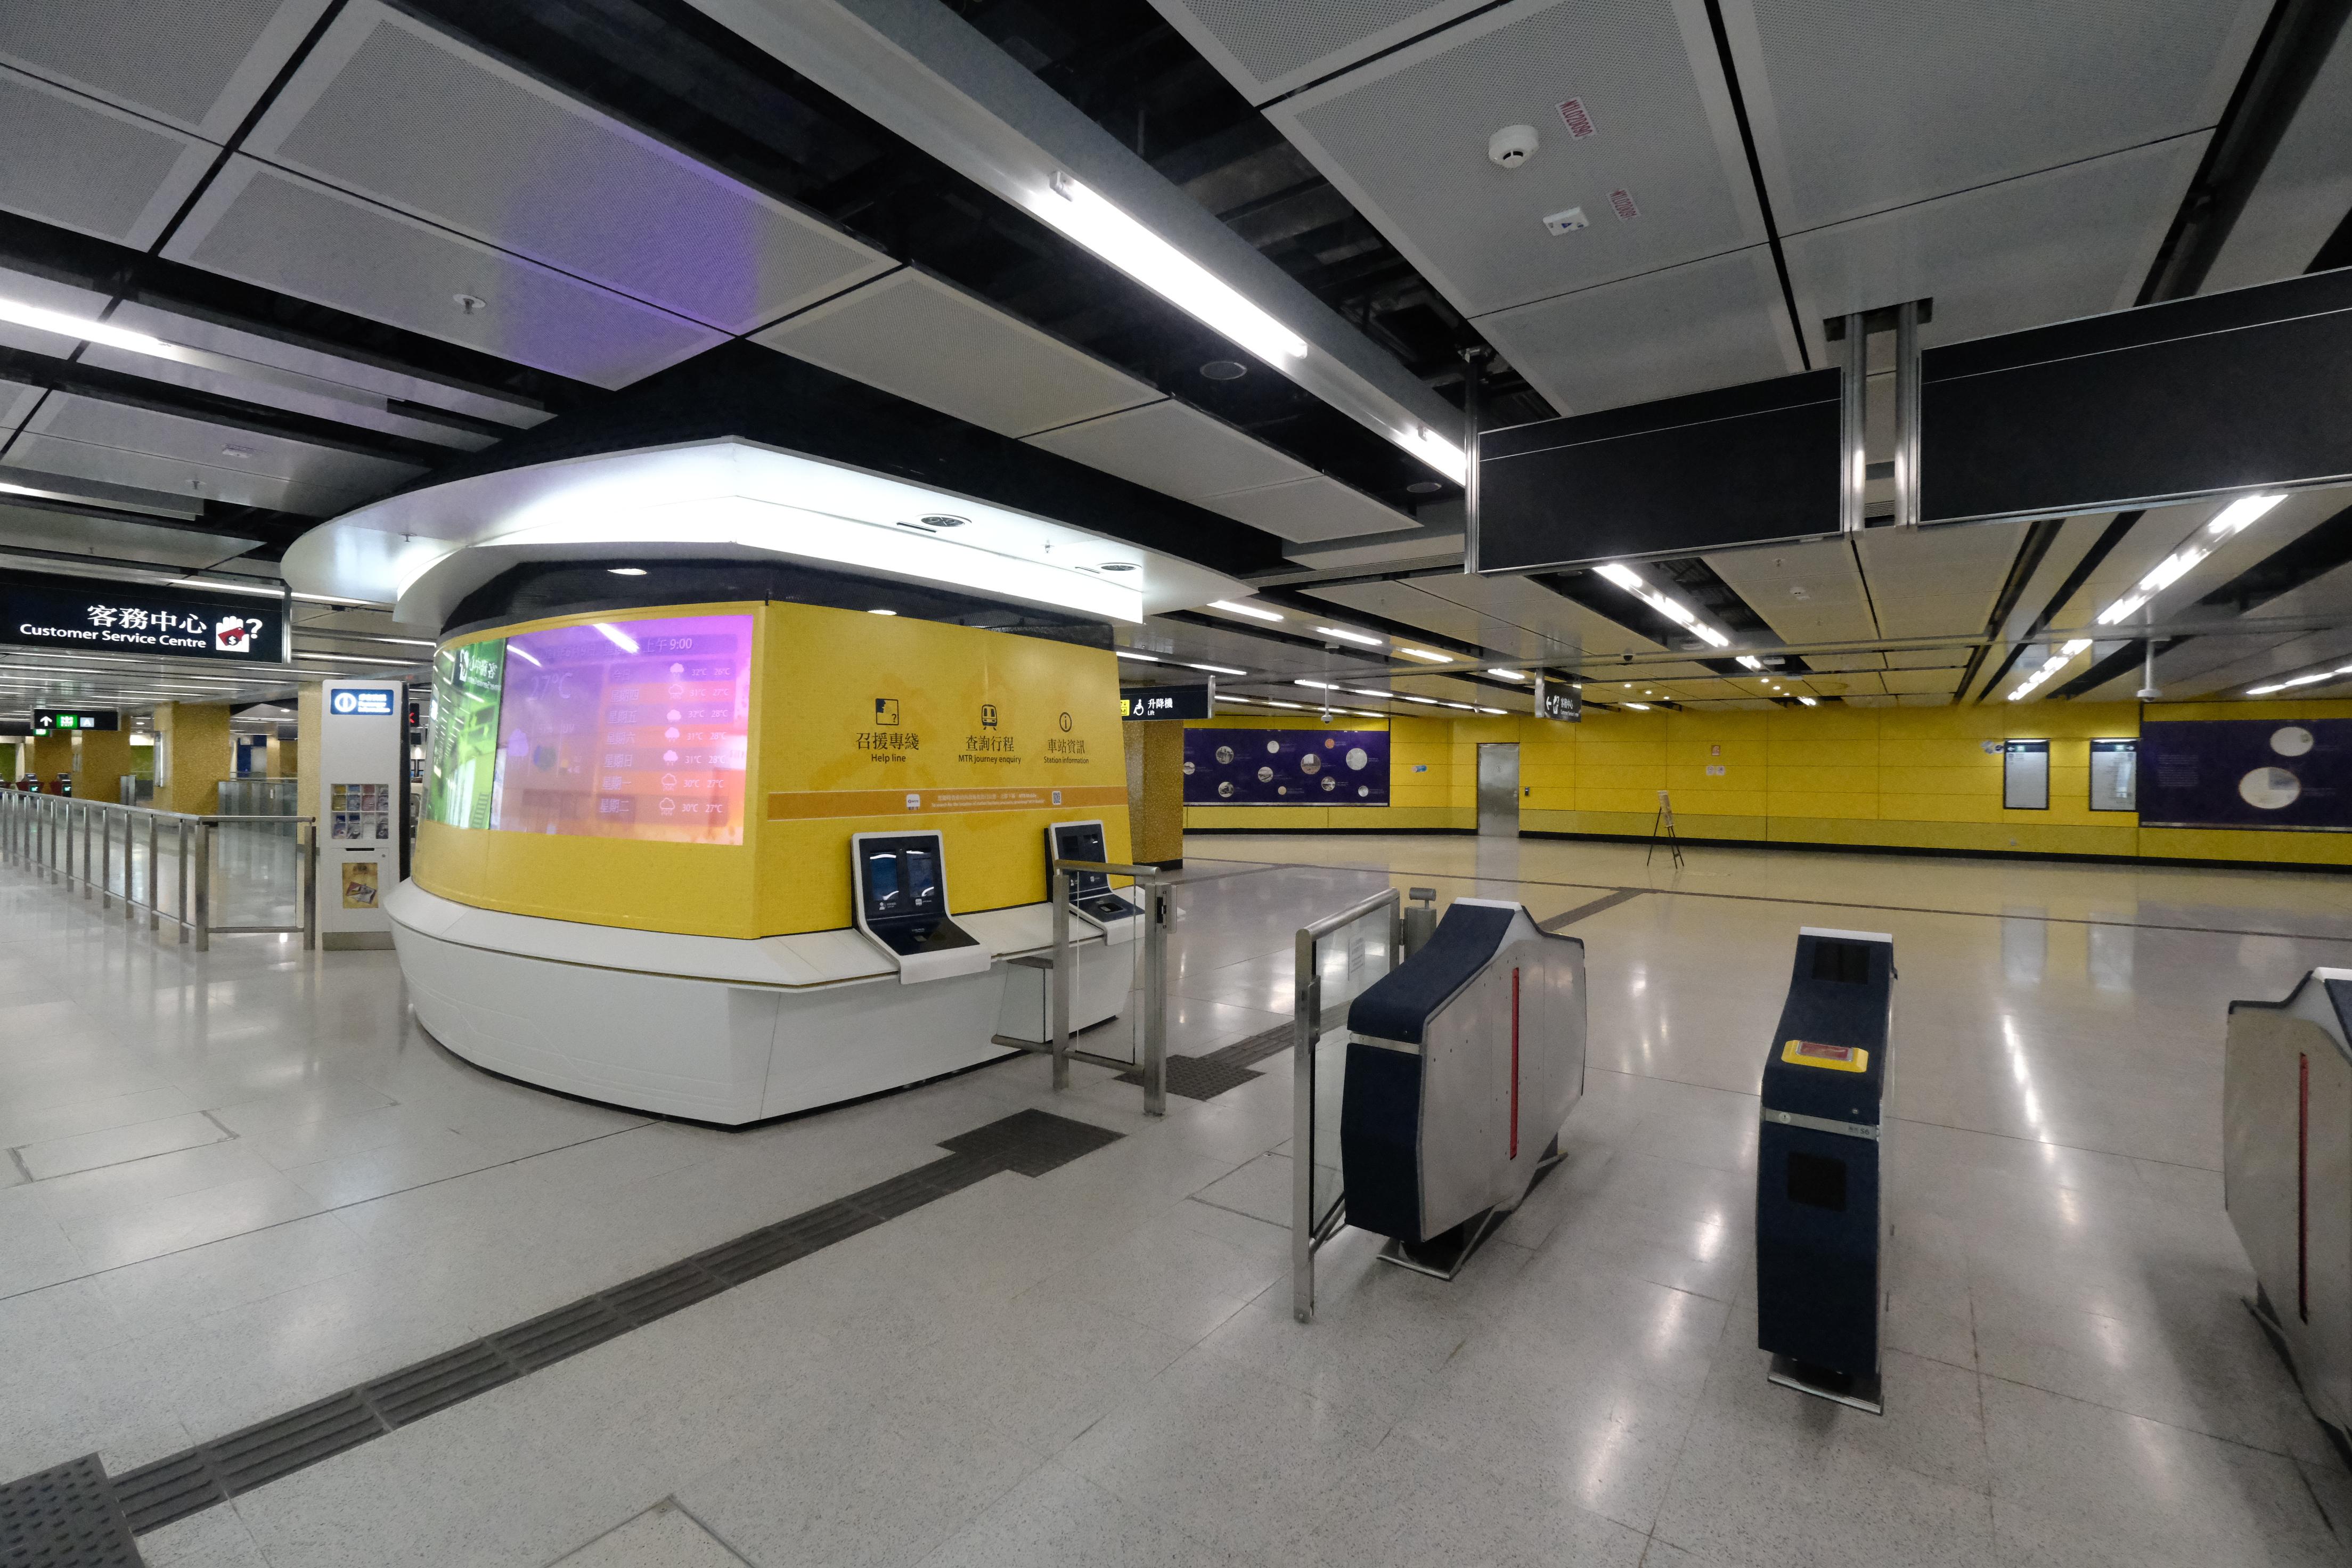 宋皇臺站在建造期間發現大量文物,車站設計揉合考古元素。(文匯報陳大文攝)